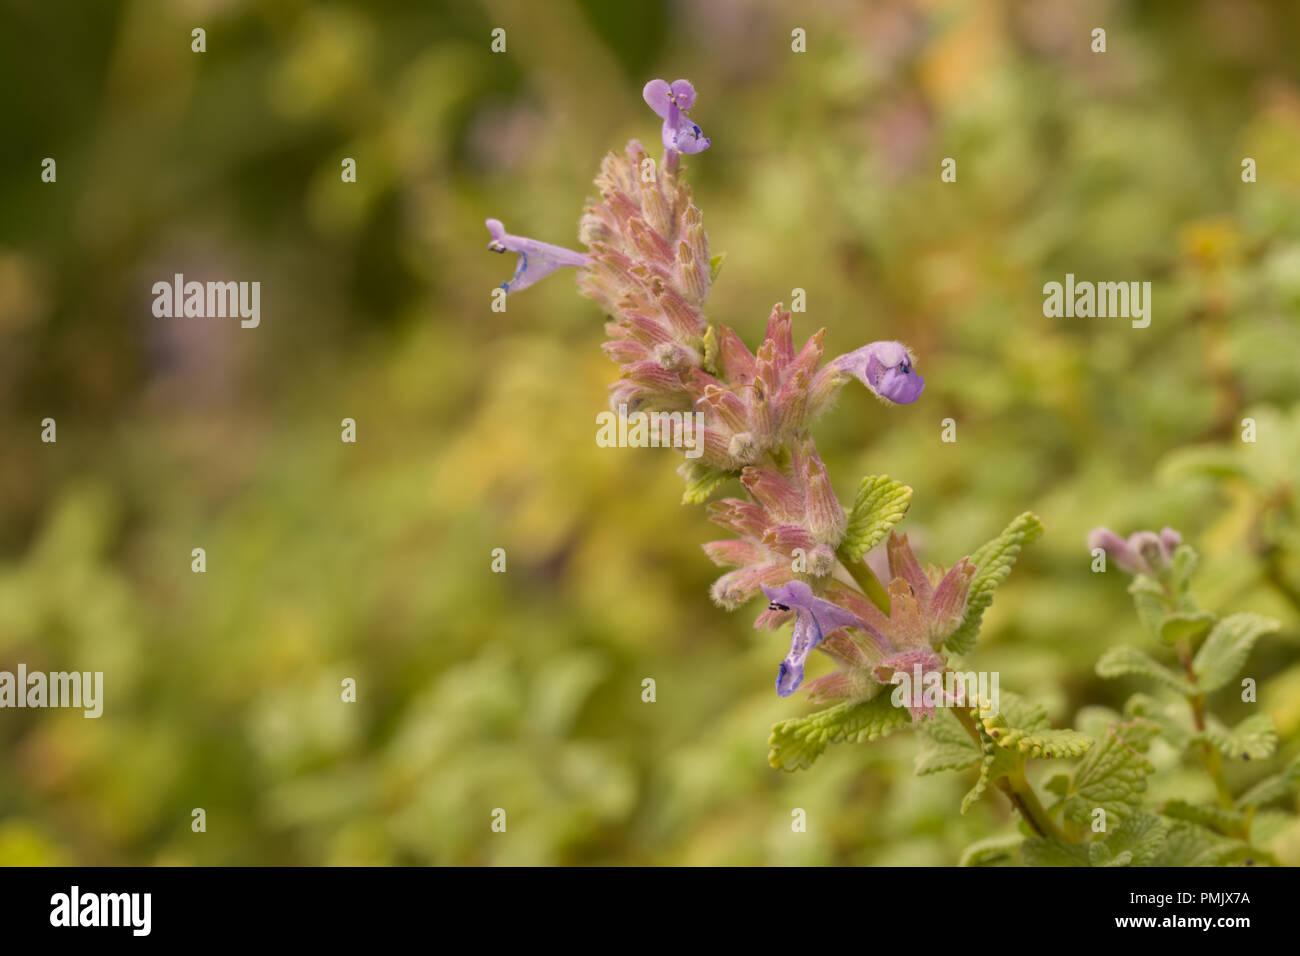 Nepeta cataria var citriodora comunemente noto come erba gatta, catswort e nepitella, è una specie del genere Nepeta nella famiglia Lippenblütler Immagini Stock